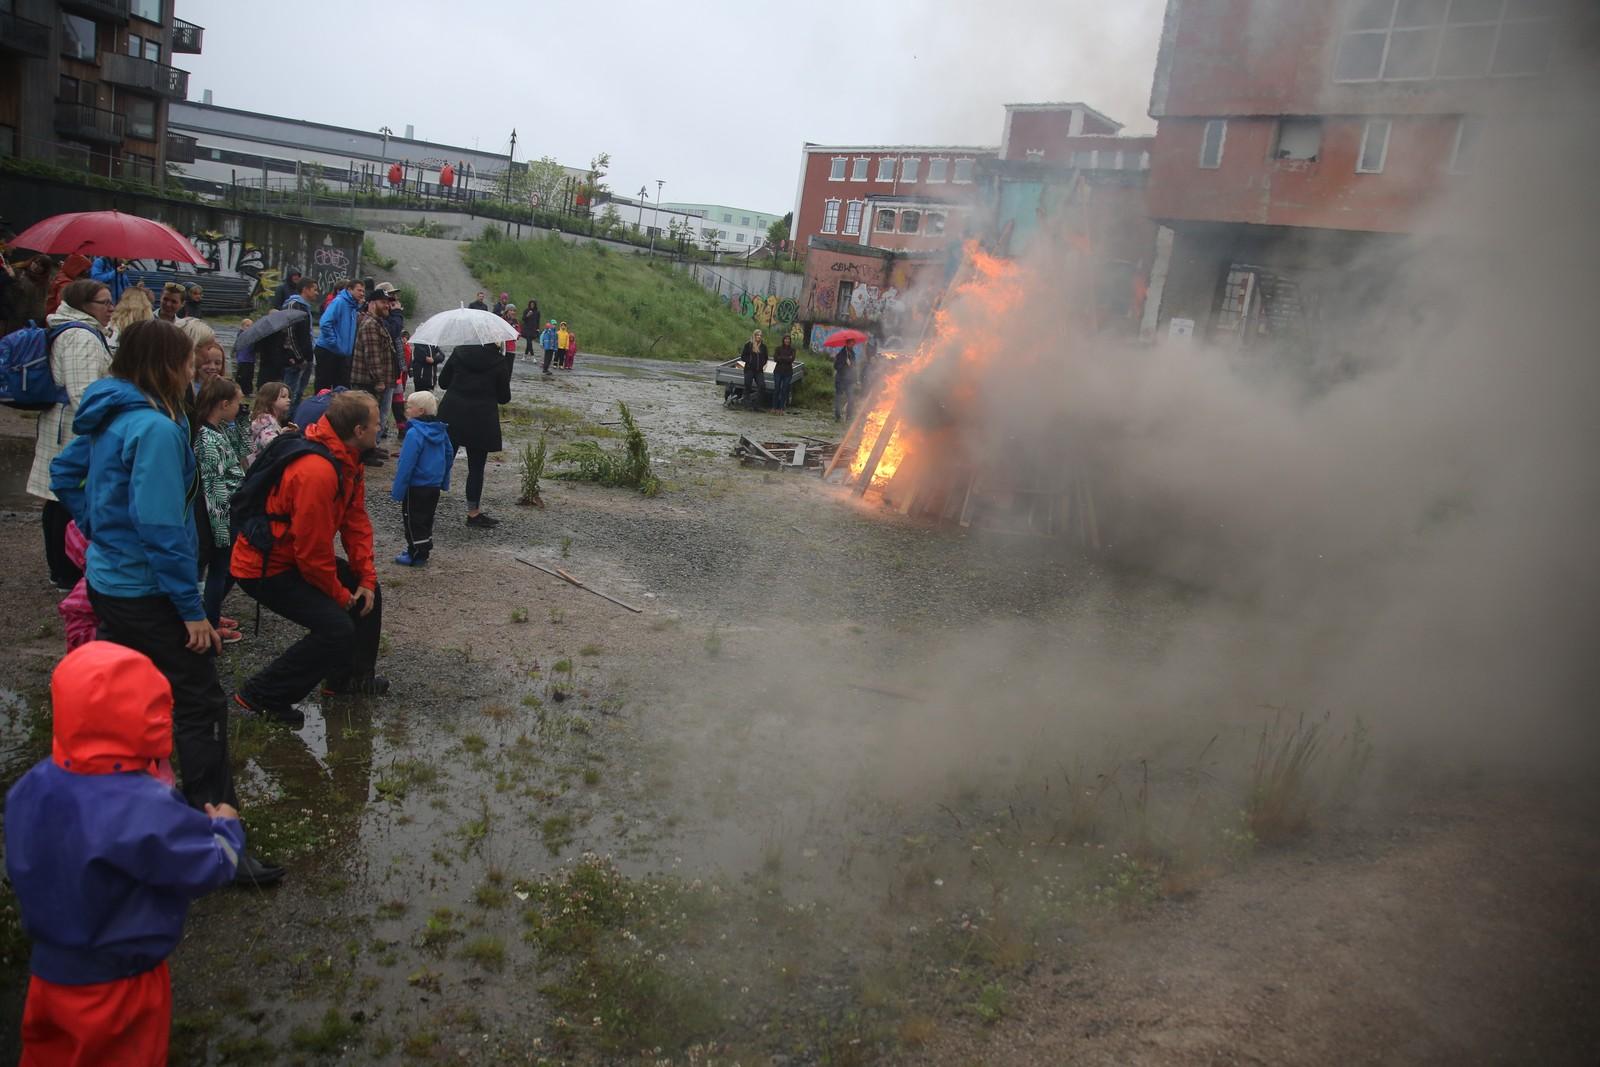 St. Hans-feiring ved Tou Scene i Stavanger